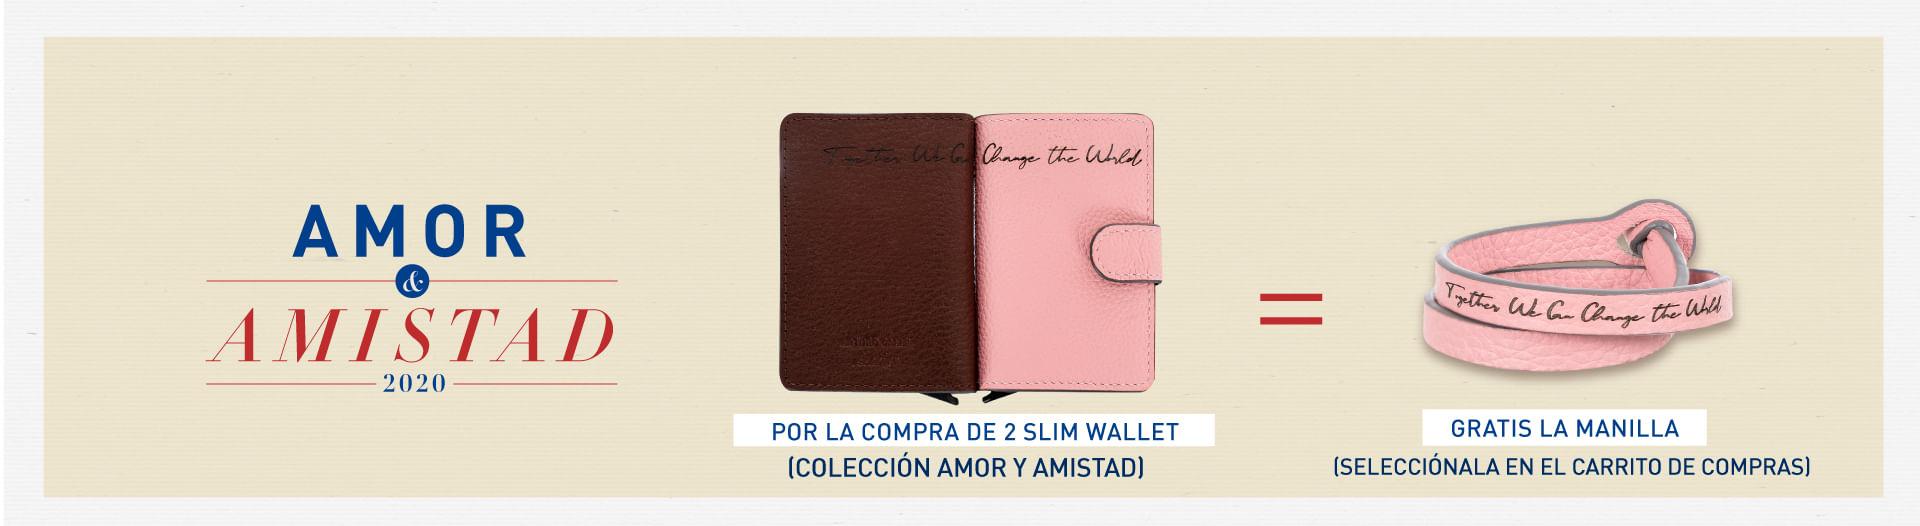 AMOR Y AMISTAD ARTURO CALLE